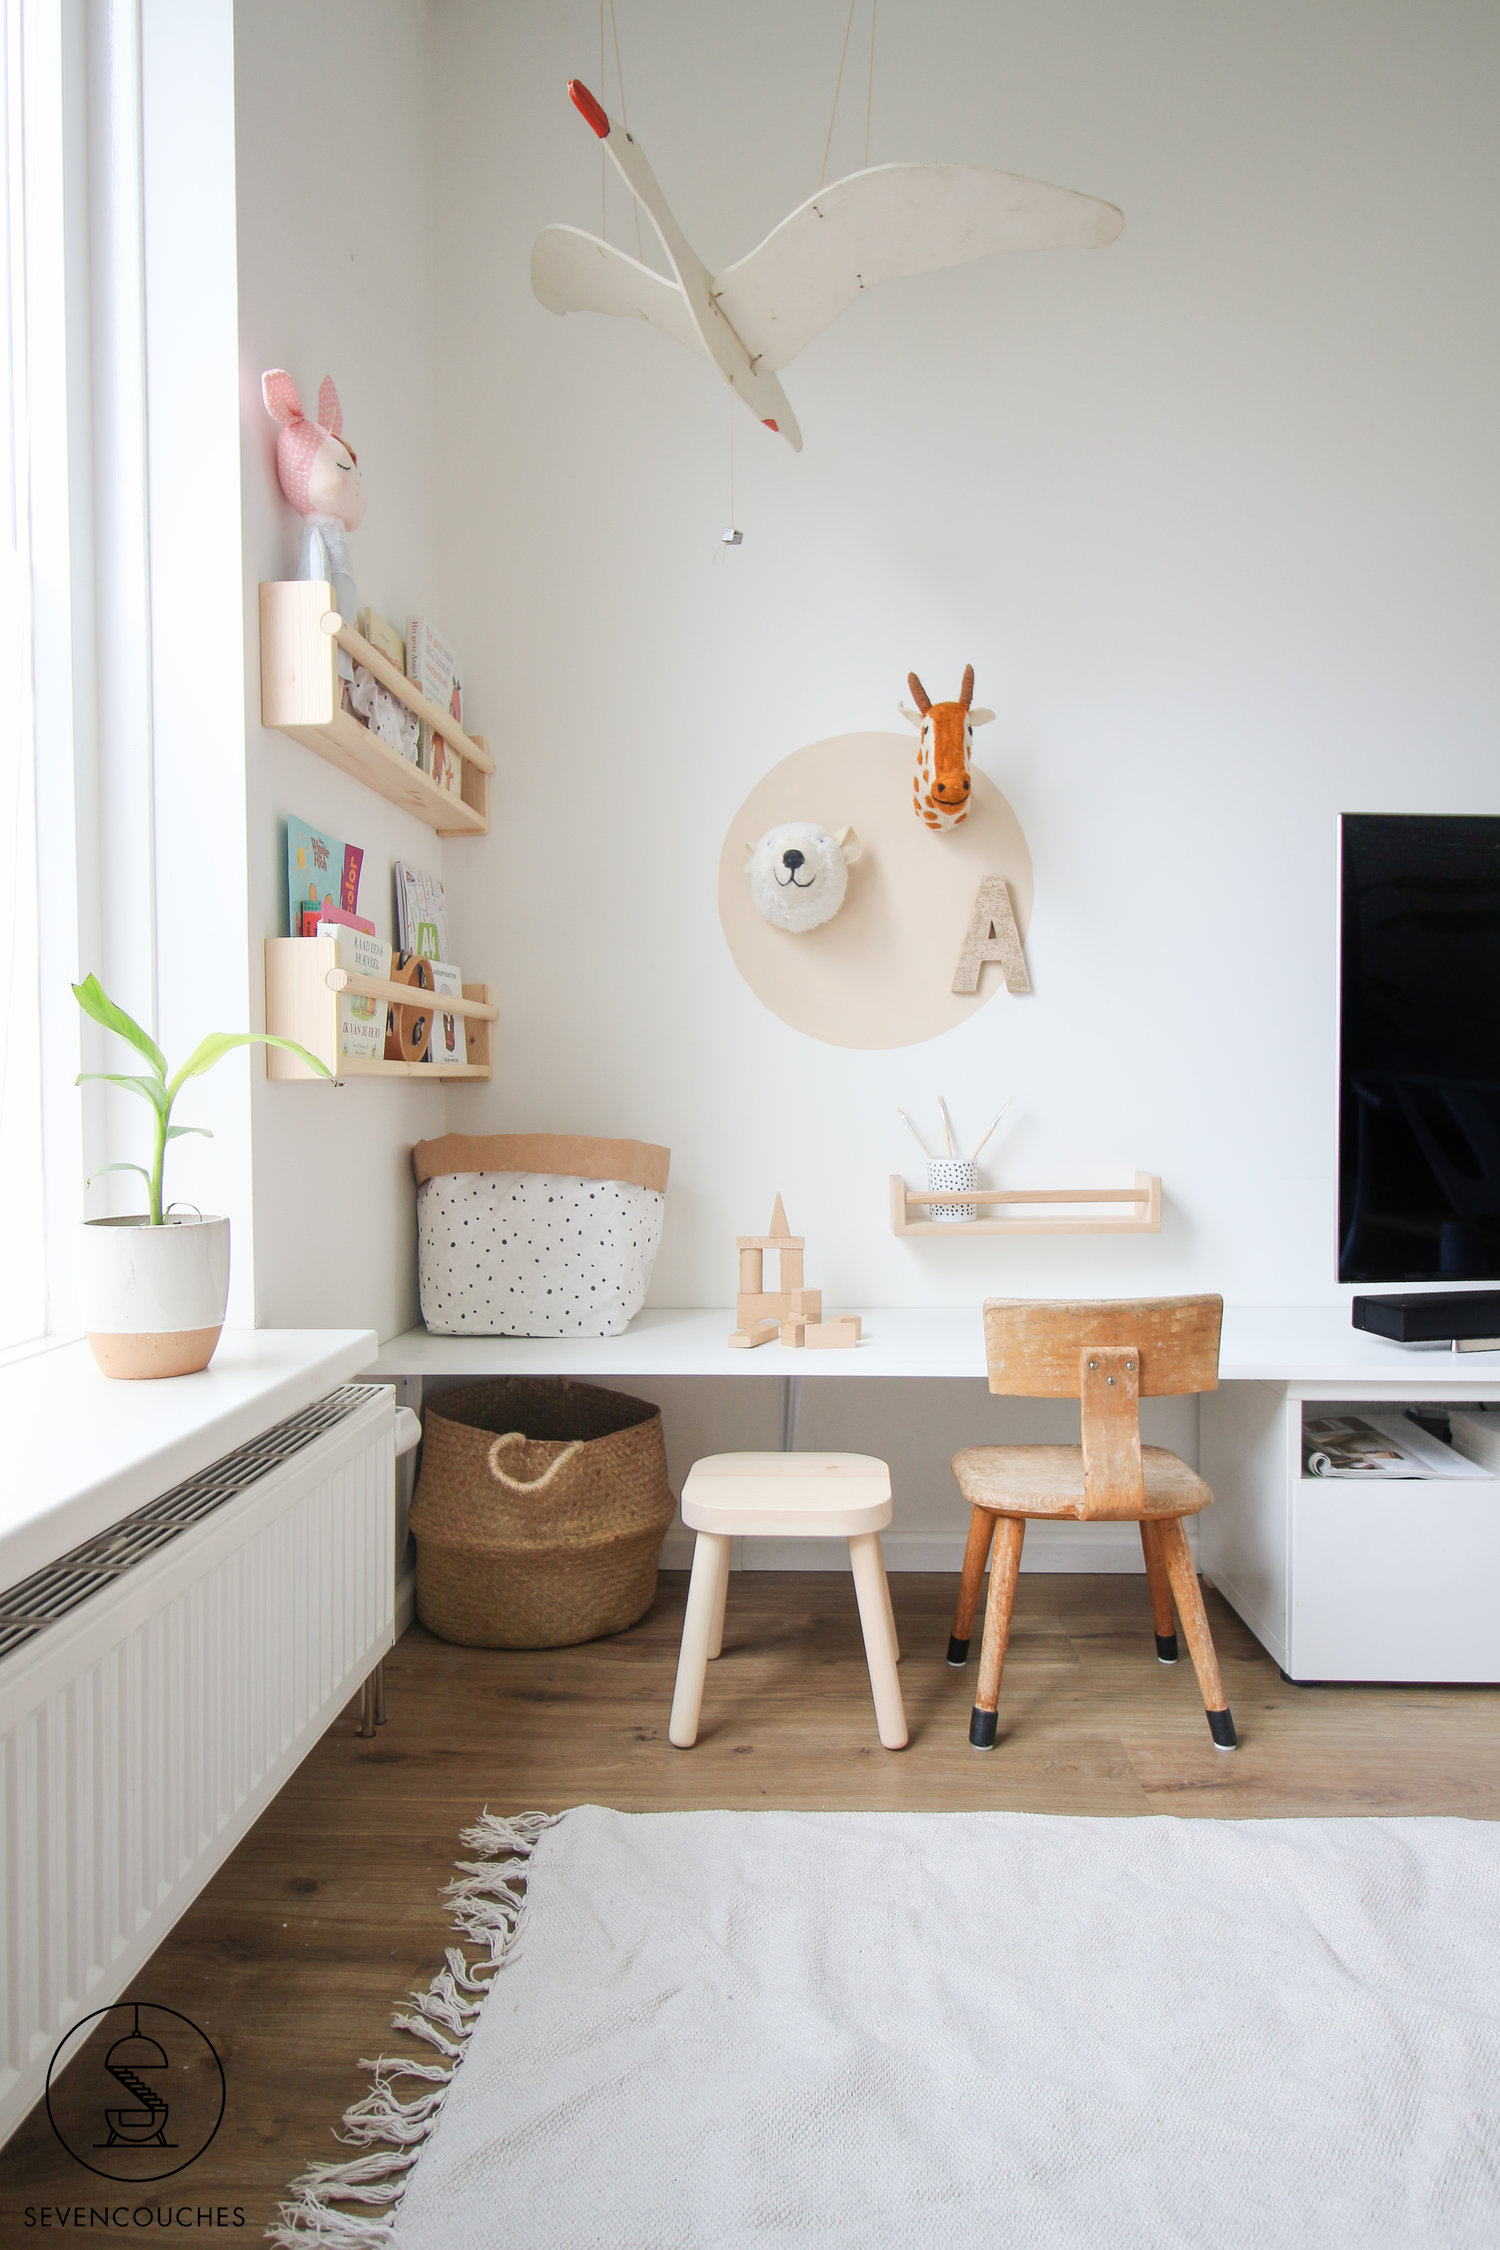 16 Toffe Kinderspeelhoek Ideeen Voor In De Kinderkamer Of Woonkamer